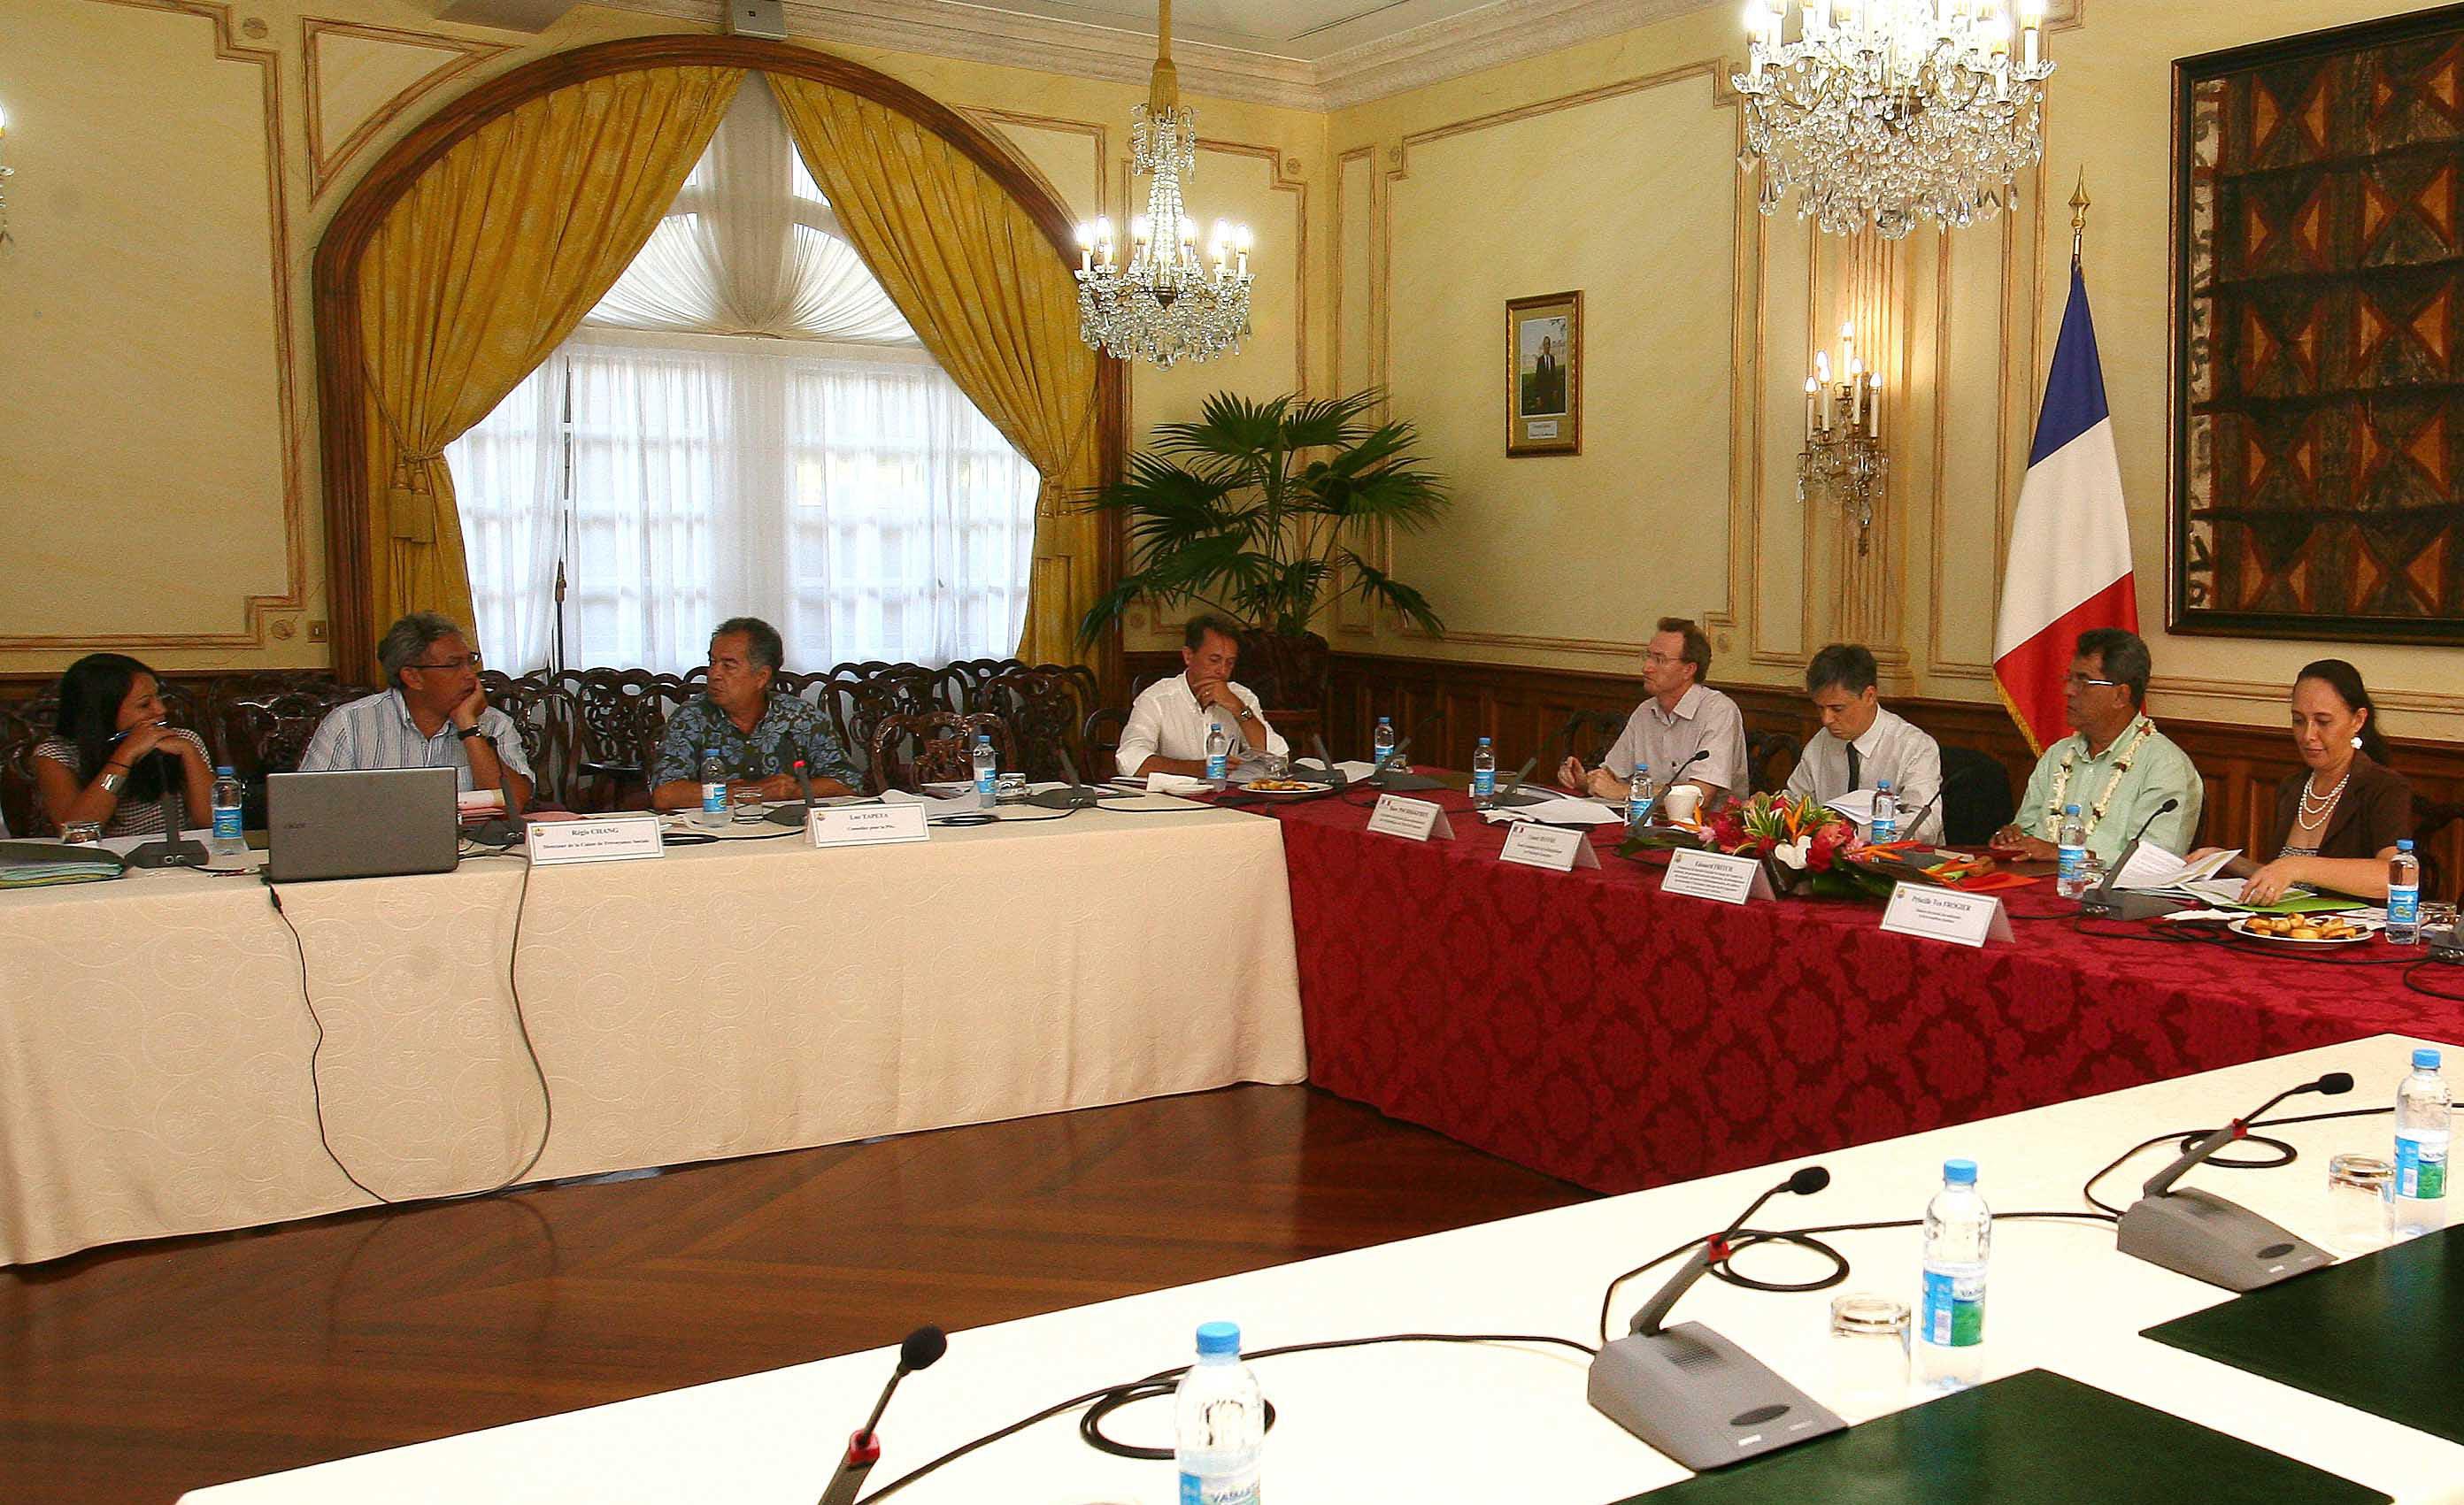 Réunion d'information avec le haut-commissaire sur la PSG